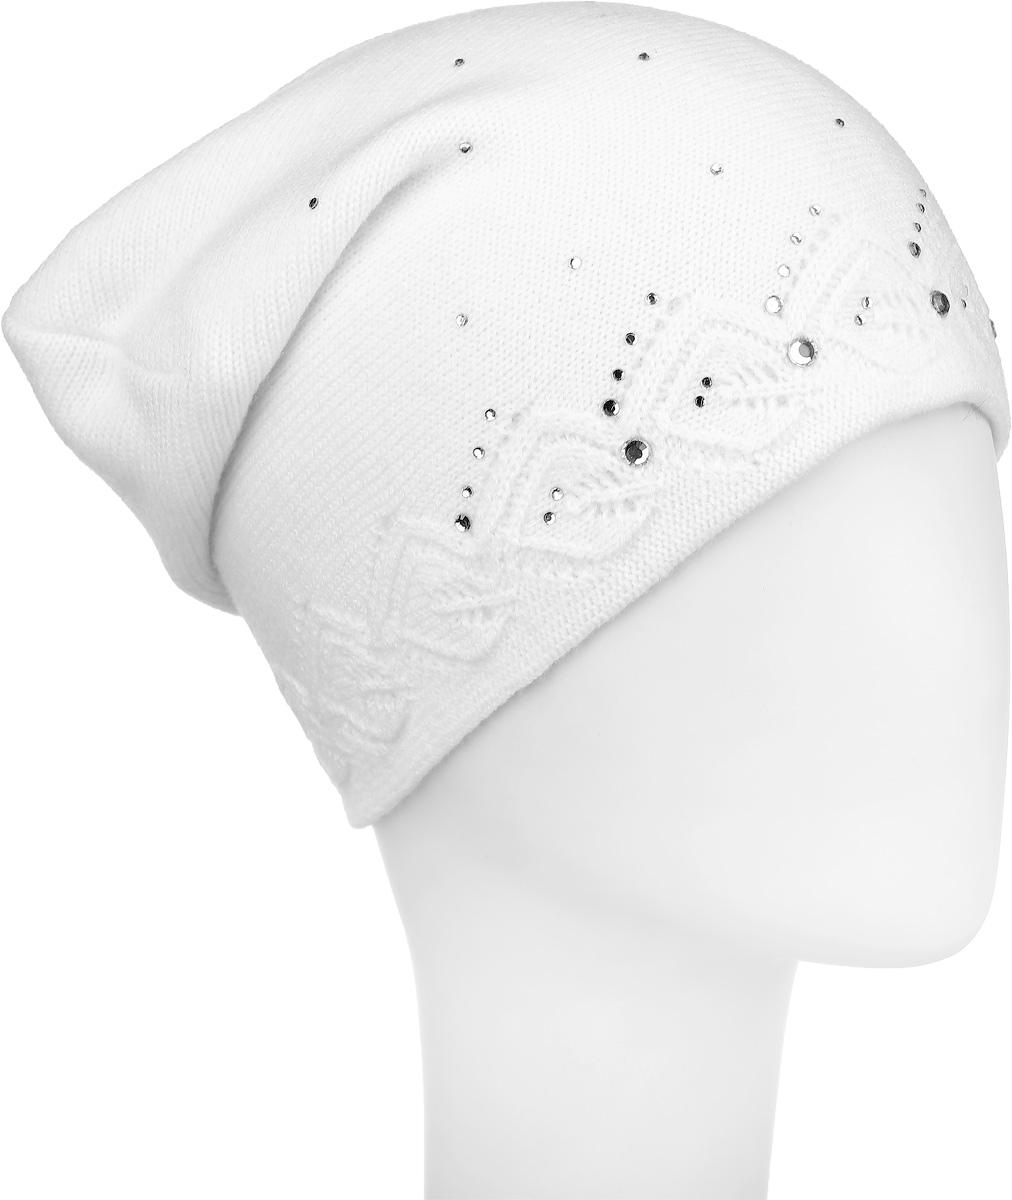 Шапка женская Finn Flare, цвет: белый. W16-11126_201. Размер 56W16-11126_201Женская шапка Finn Flare, выполненная из акрила и шерсти, отлично дополнит ваш образ в холодную погоду. Модель по низу связана оригинальным узором. Декорировано изделие стразами и фирменной металлической нашивкой. Шапка составит идеальный комплект с модной верхней одеждой и подарит вам уют и тепло.Уважаемые клиенты!Размер, доступный для заказа, является обхватом головы.